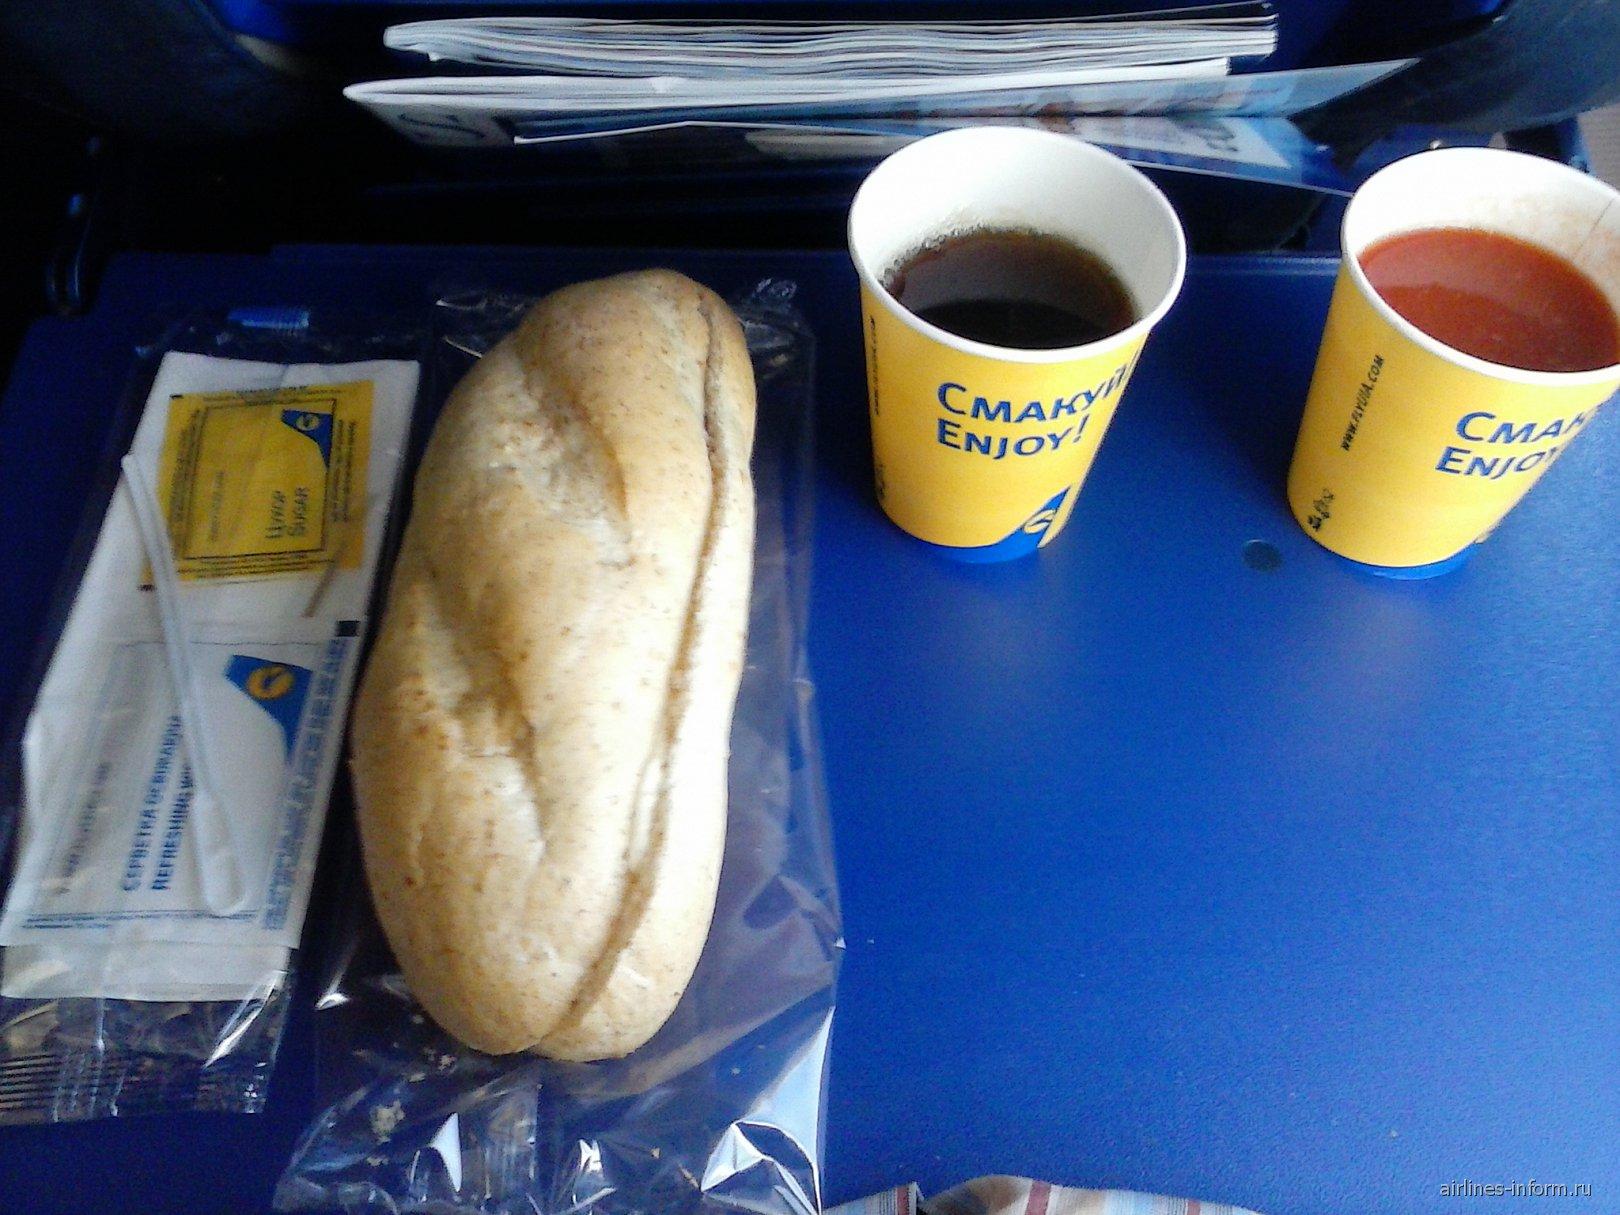 Питание на рейсе Киев-Тбилиси Международных авиалиний Украины